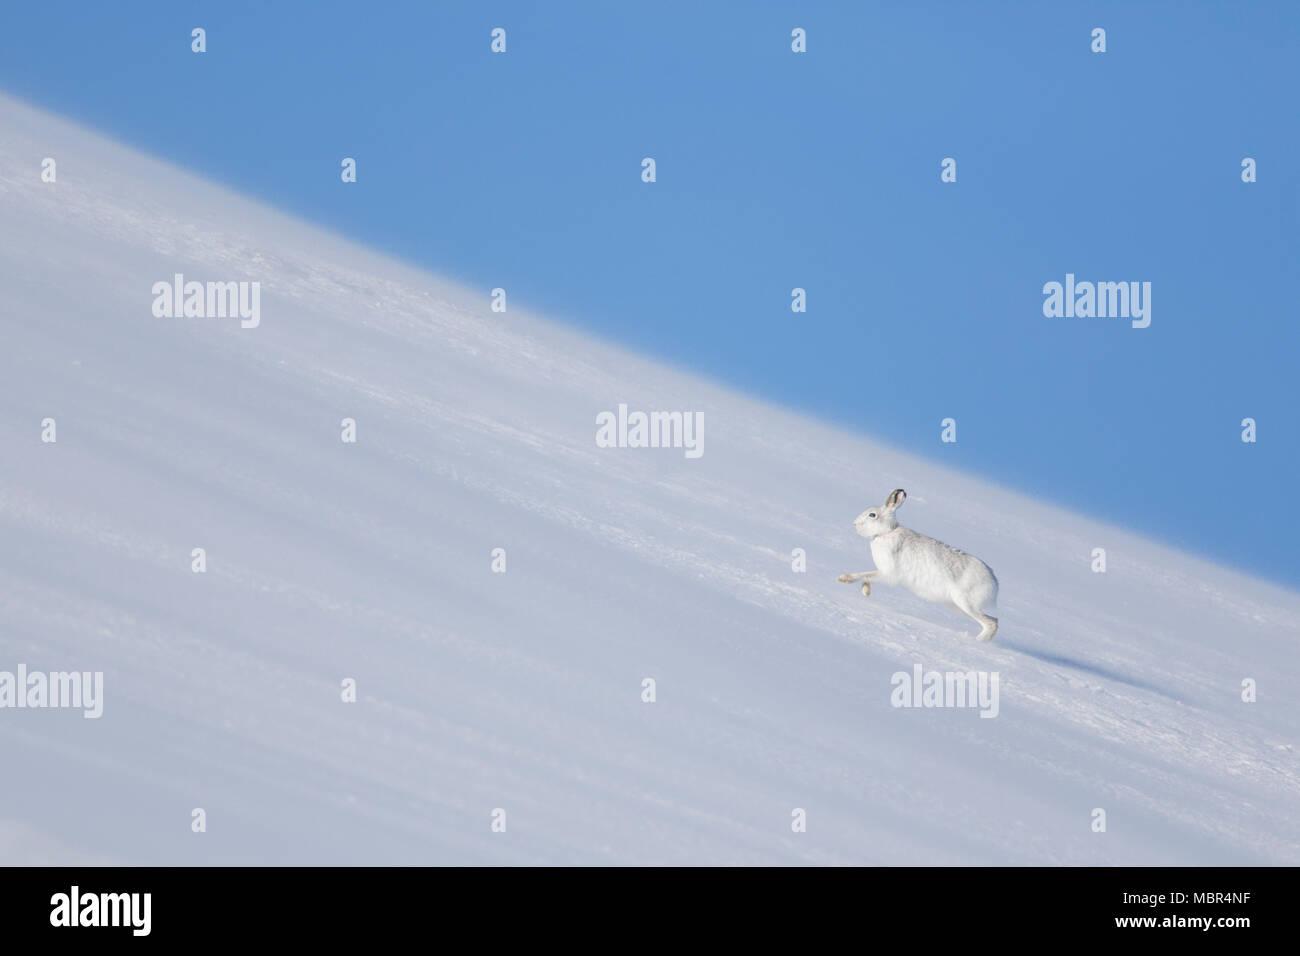 Mountain Hare Hare / nieve / alpino de la liebre (Lepus timidus) en invierno pelaje girando en la nieve cuesta arriba Foto de stock